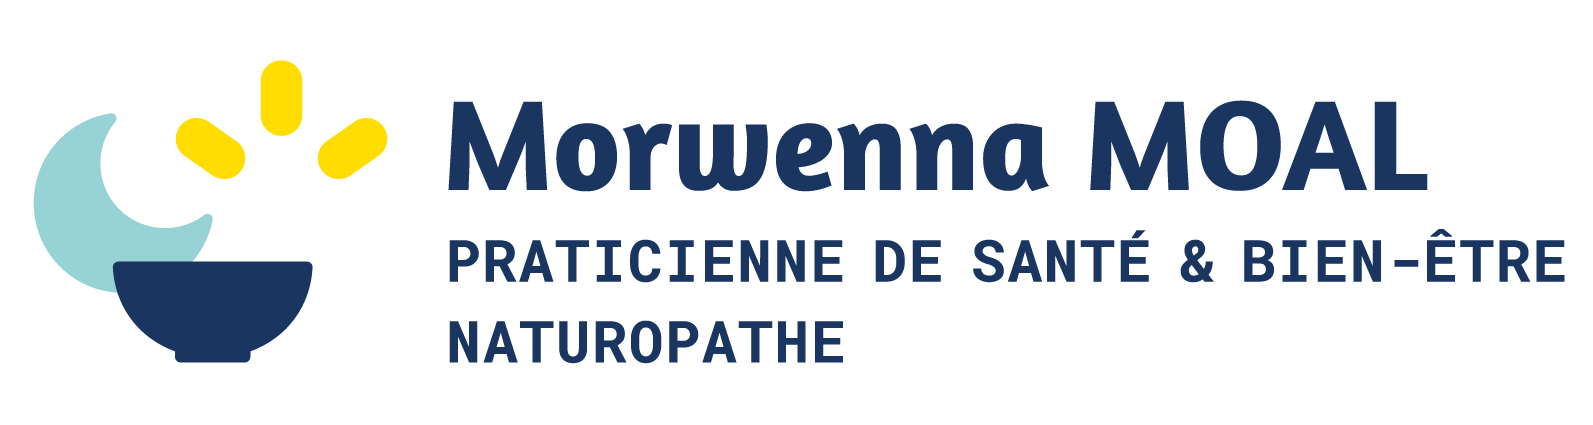 Logo Morwenna Moal naturopathe praticienne santé, Lyon 6